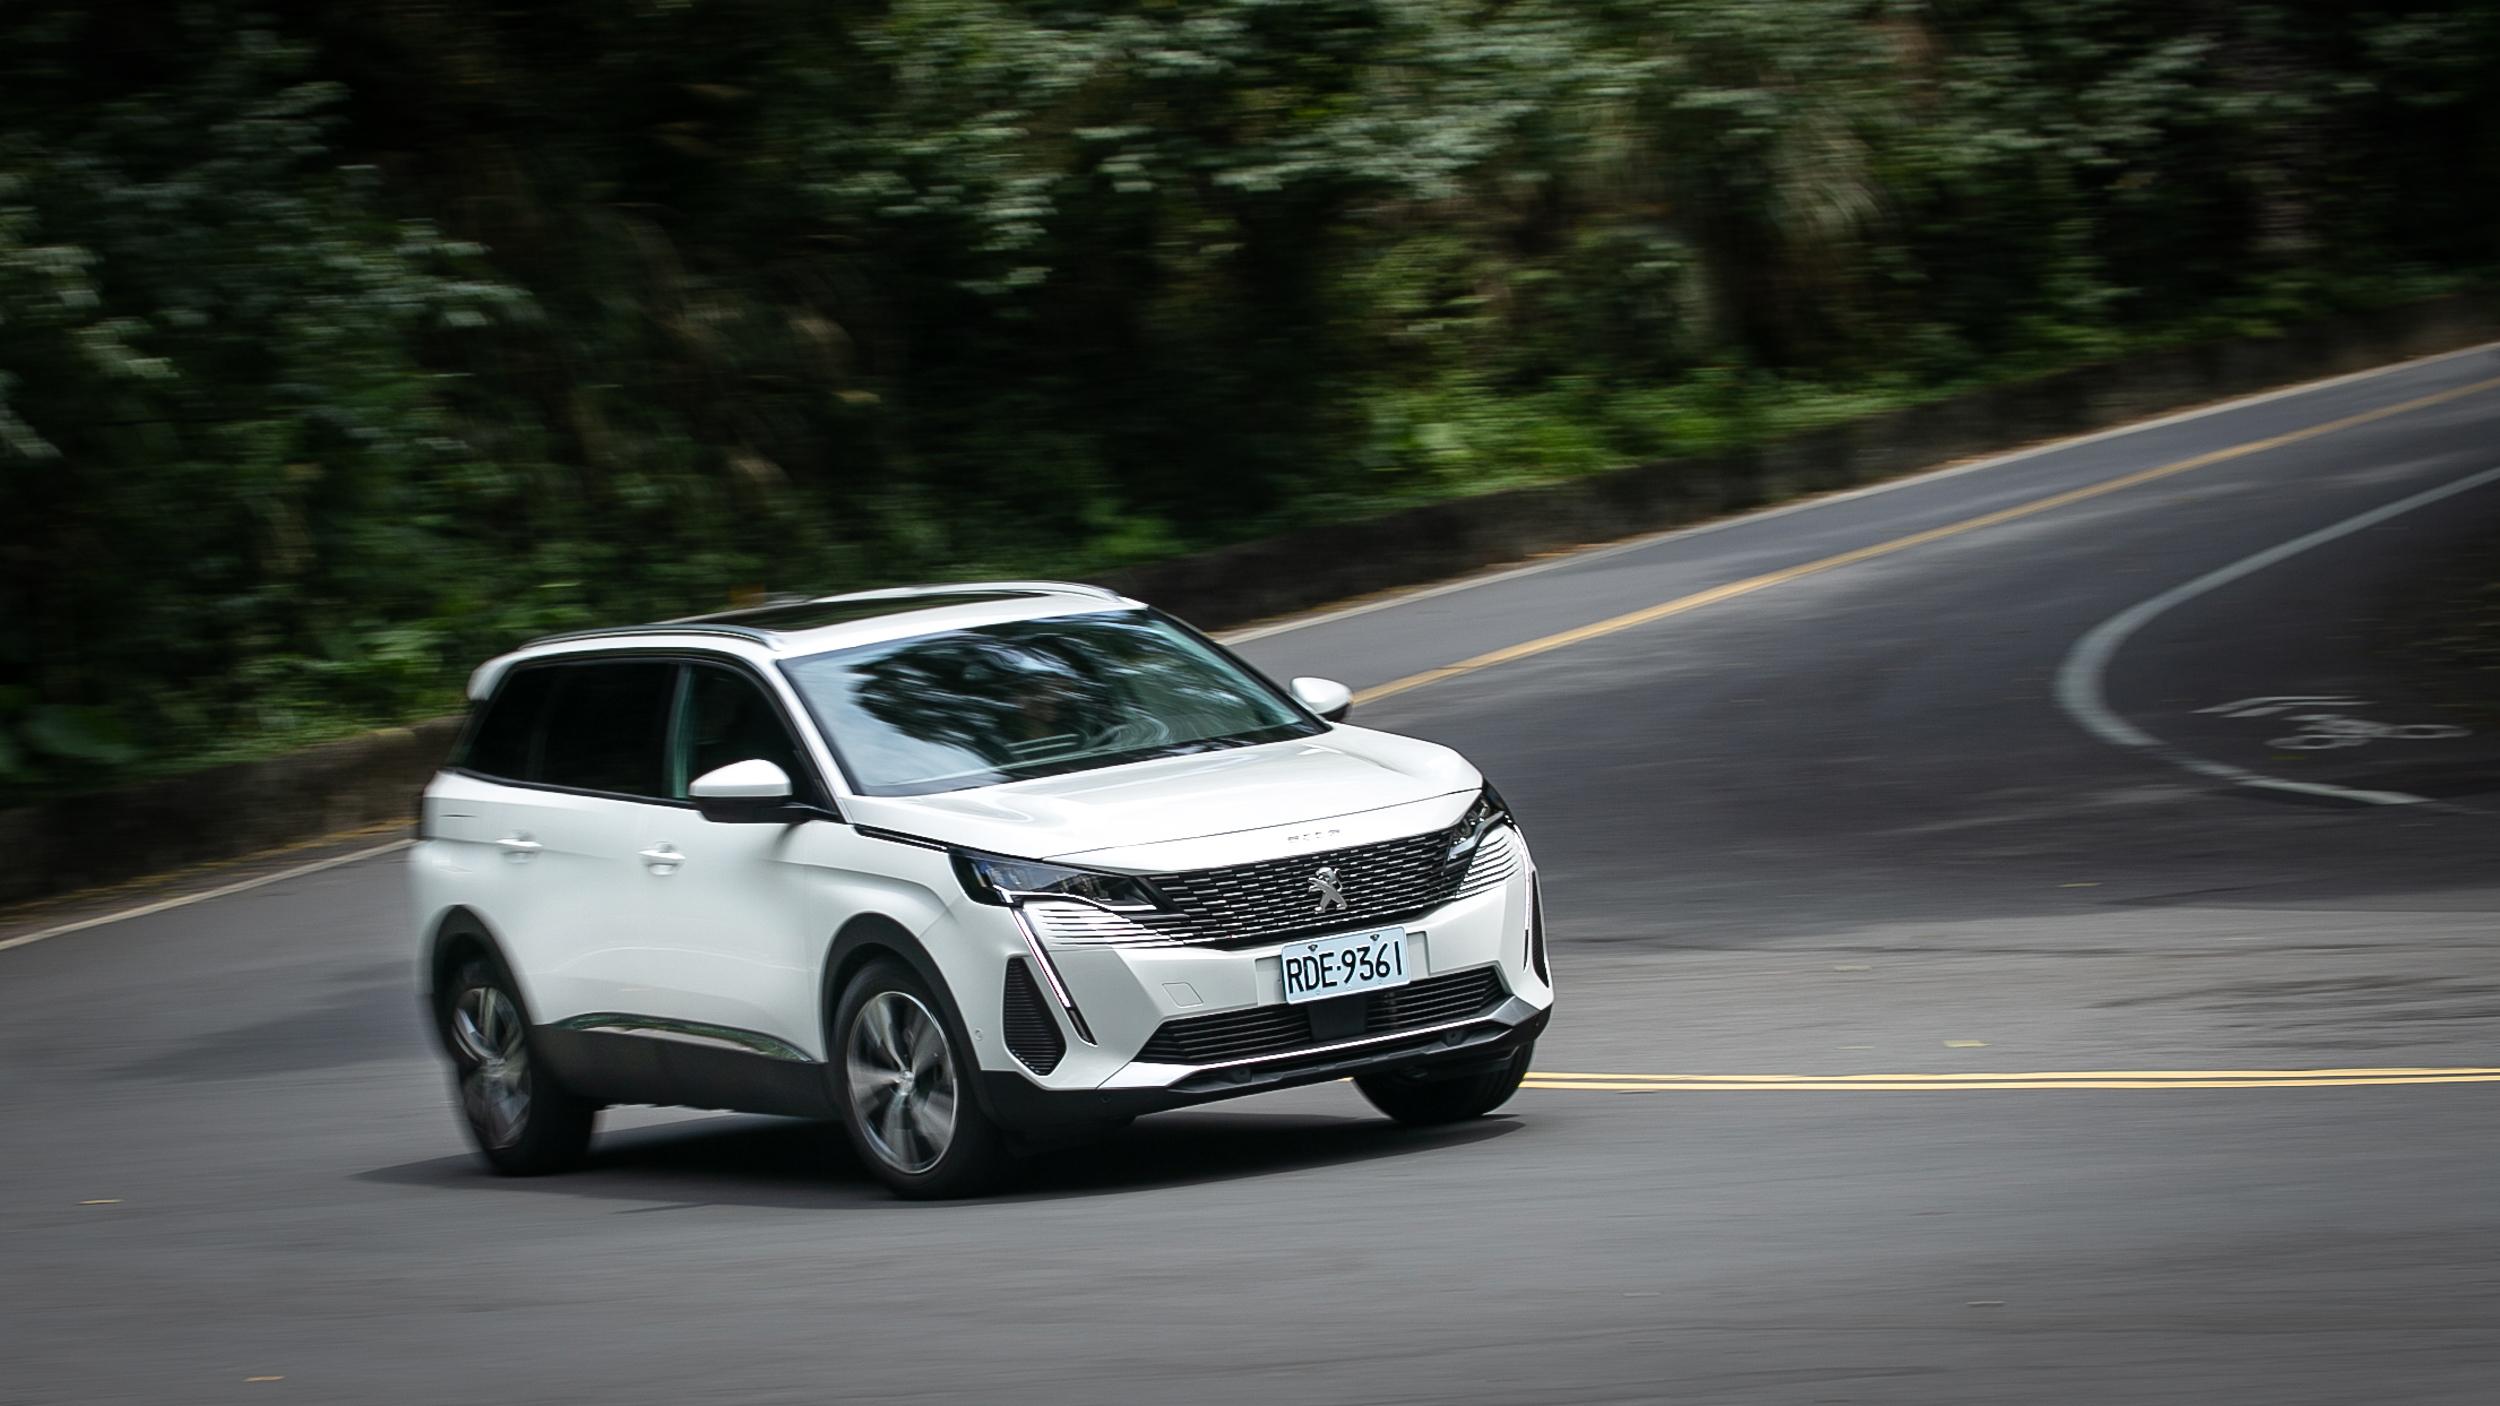 Peugeot 小改款 5008 加入戰局!進口 5+2 人座休旅車購車更添難題!